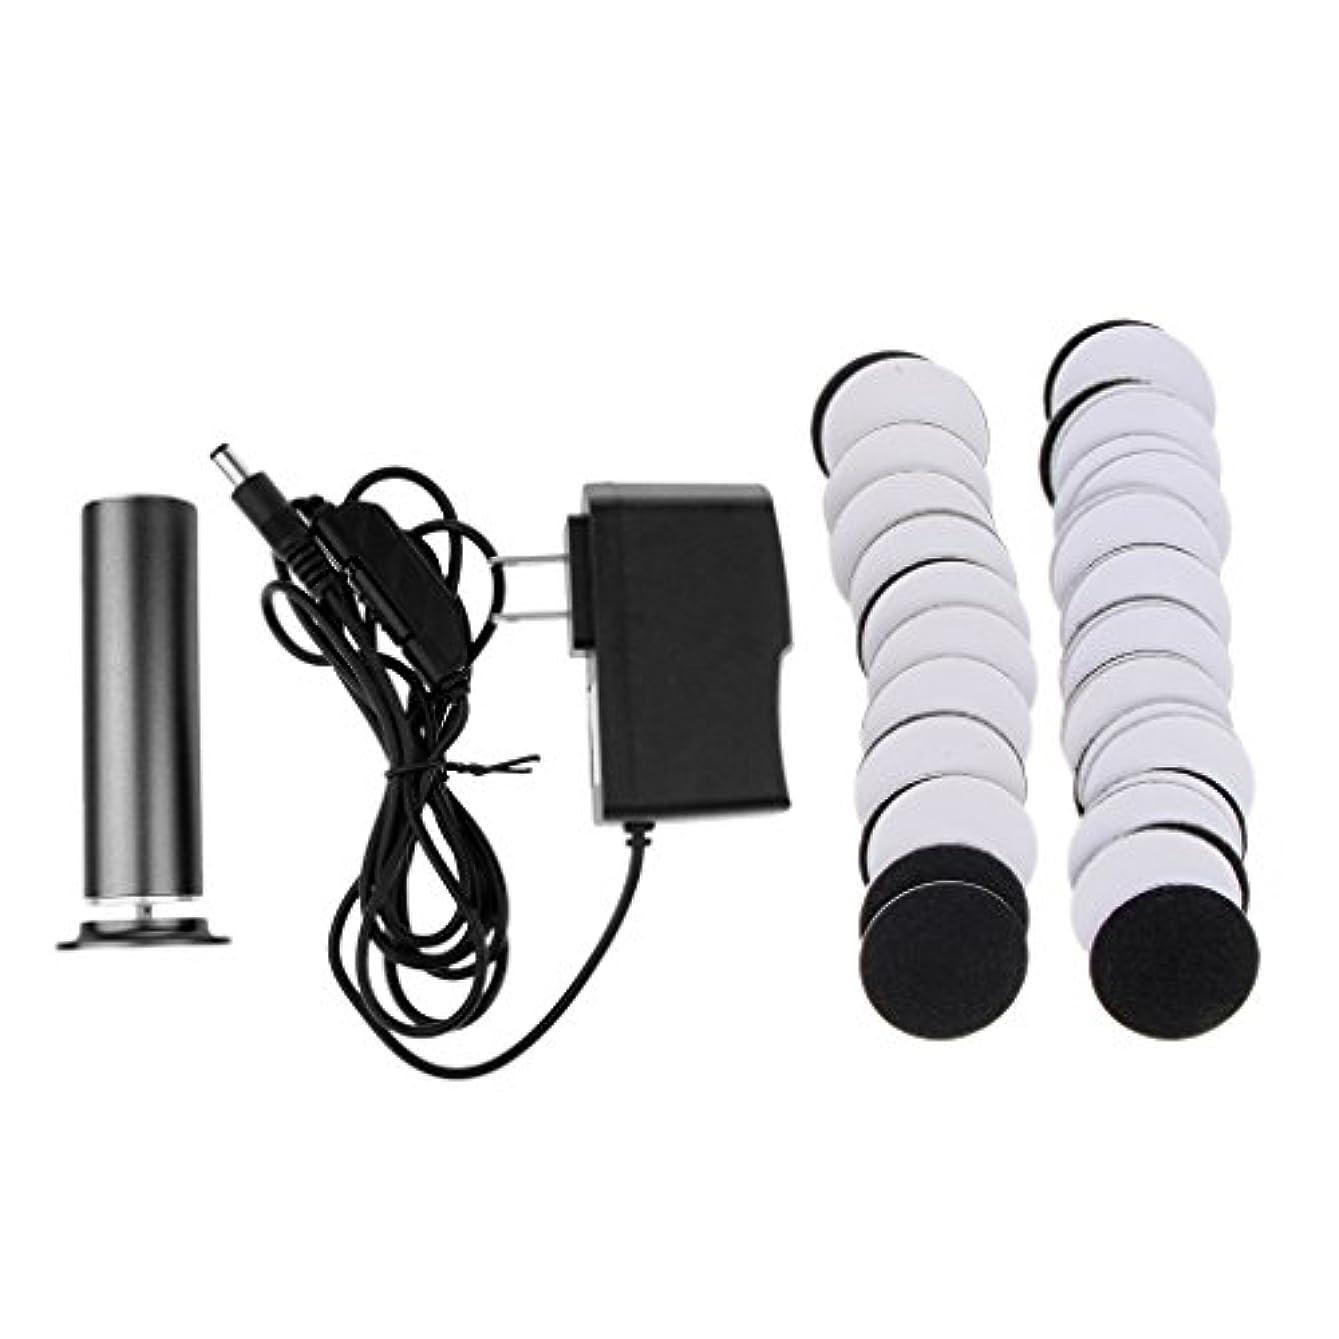 アメリカ特徴づけるうめきKesoto カルスリムーバー 電気リムーバー ペディキュア 交換用 サンドペーパーディスク 2色選べ - ブラック